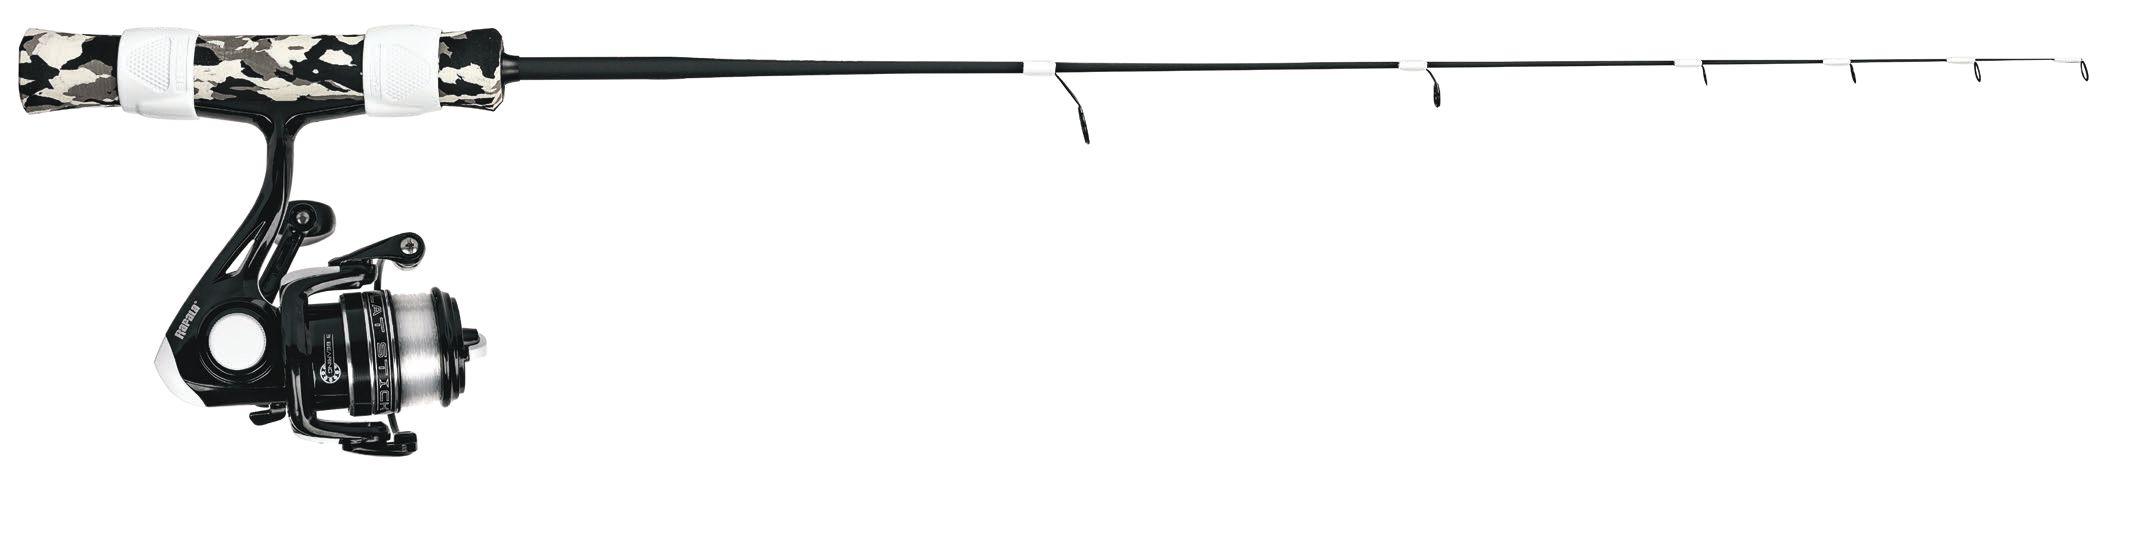 Зимняя удочка RAPALA Flatstick Medium c безынерционной катушкой и намотанной леской Sufix Ice 71см (+ Леска в подарок!) цена 2017